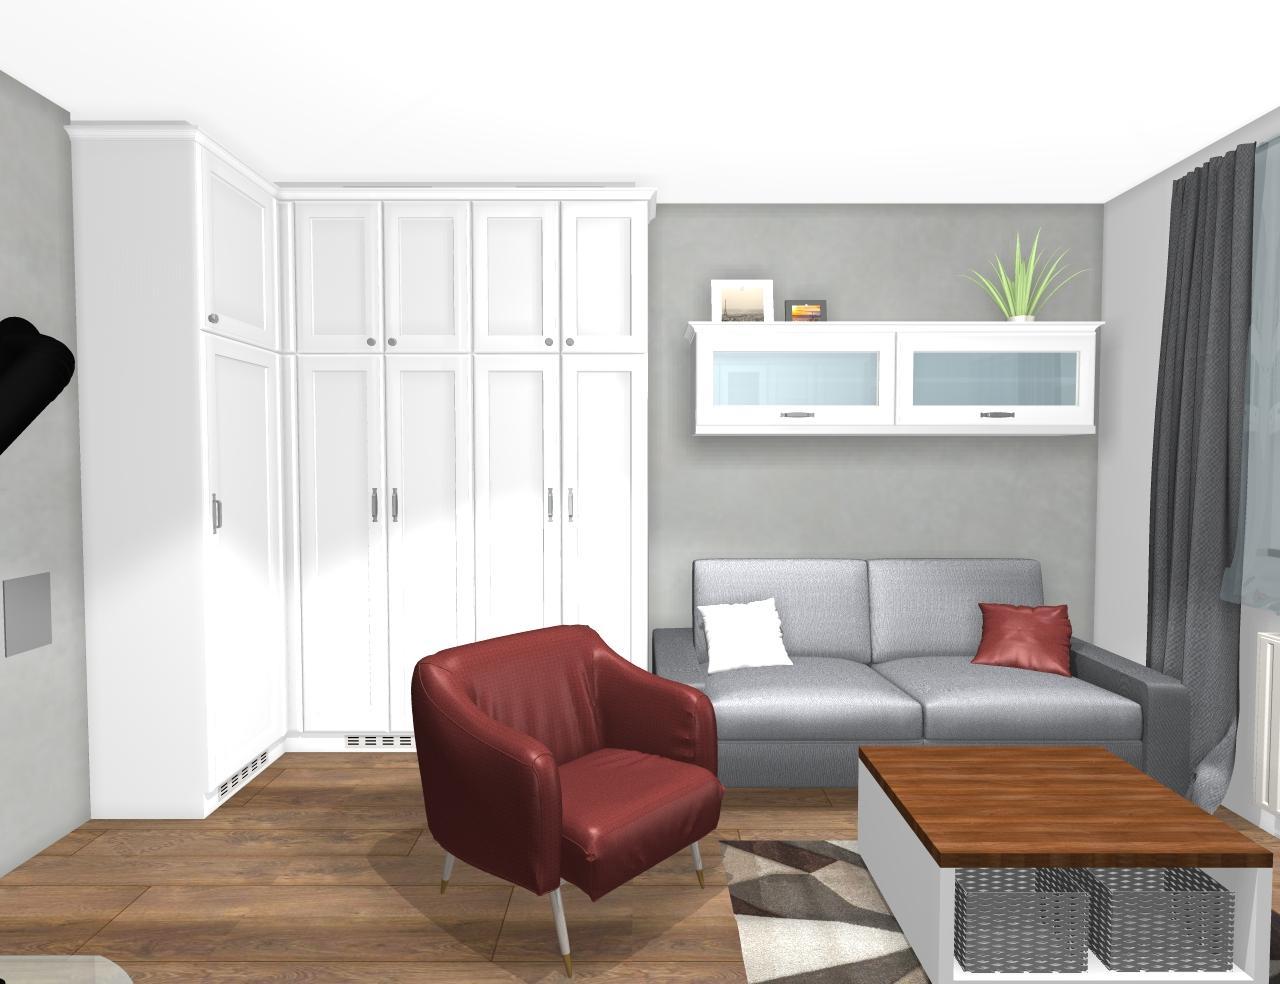 Grafické návrhy interiér 2019 - Grafický návrh pracovne do rodinného domu vo vidieckom štýle - obr.6